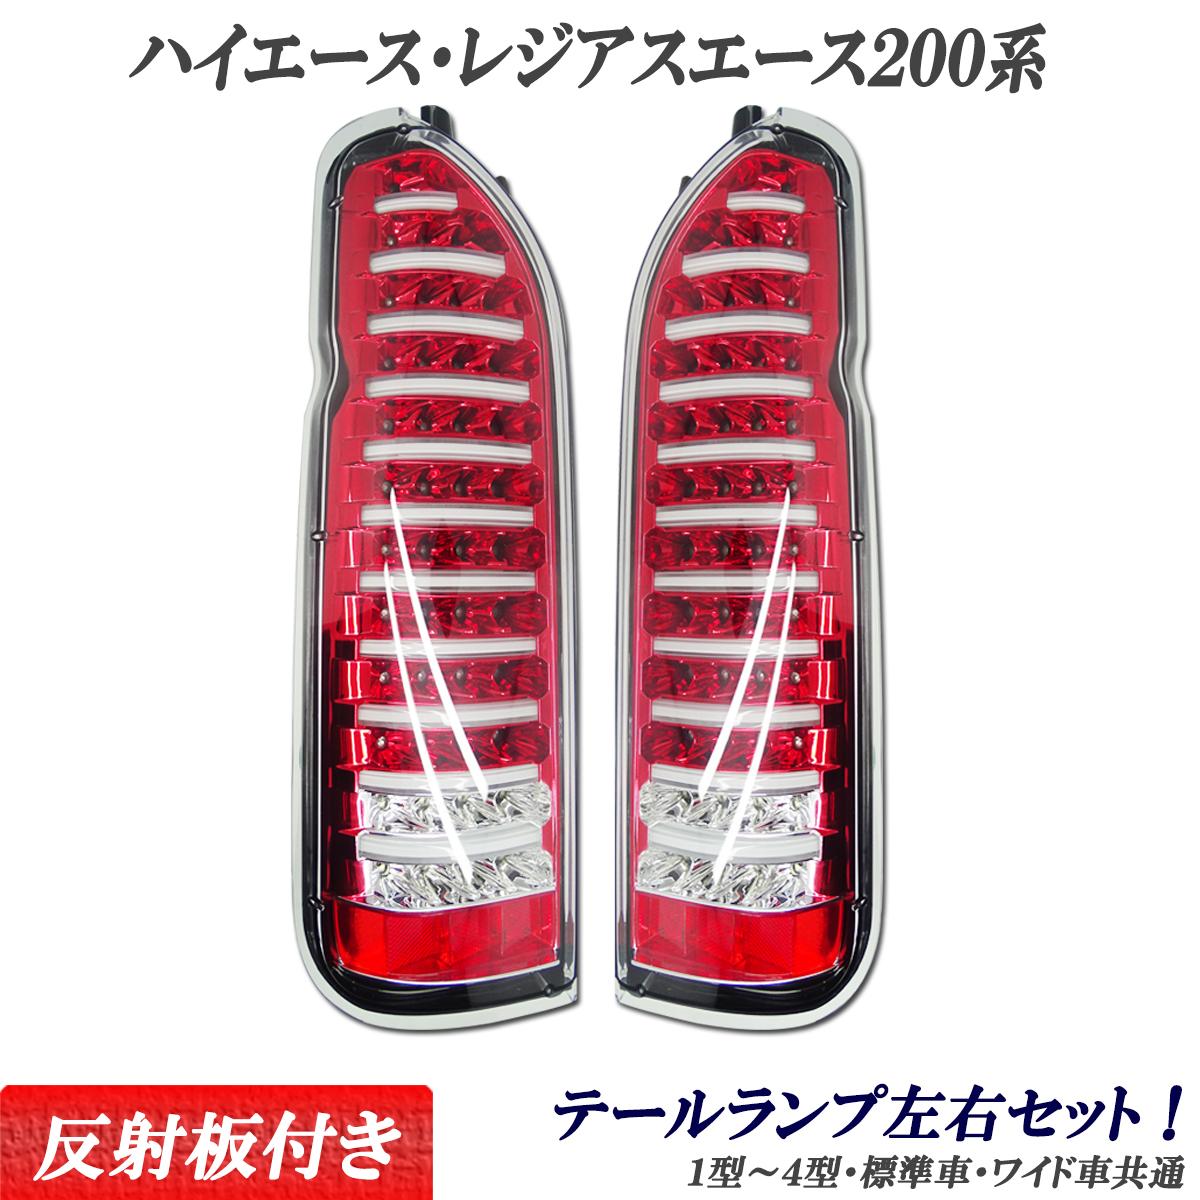 4型 ハイエース200系 パーツ フルLED チューブタイプ クリアホワイト&レッドタイプ 前期後期共通 1型~4型まで対応